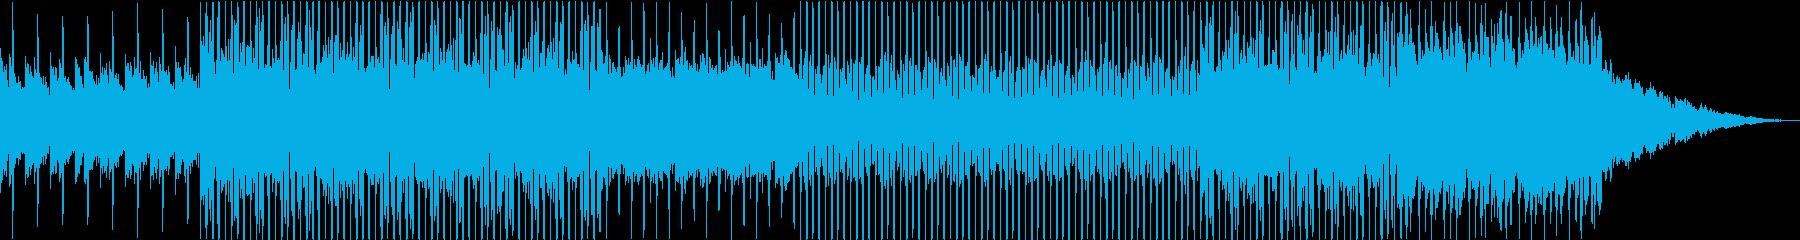 おしゃれでギターの旋律が印象的なハウスの再生済みの波形